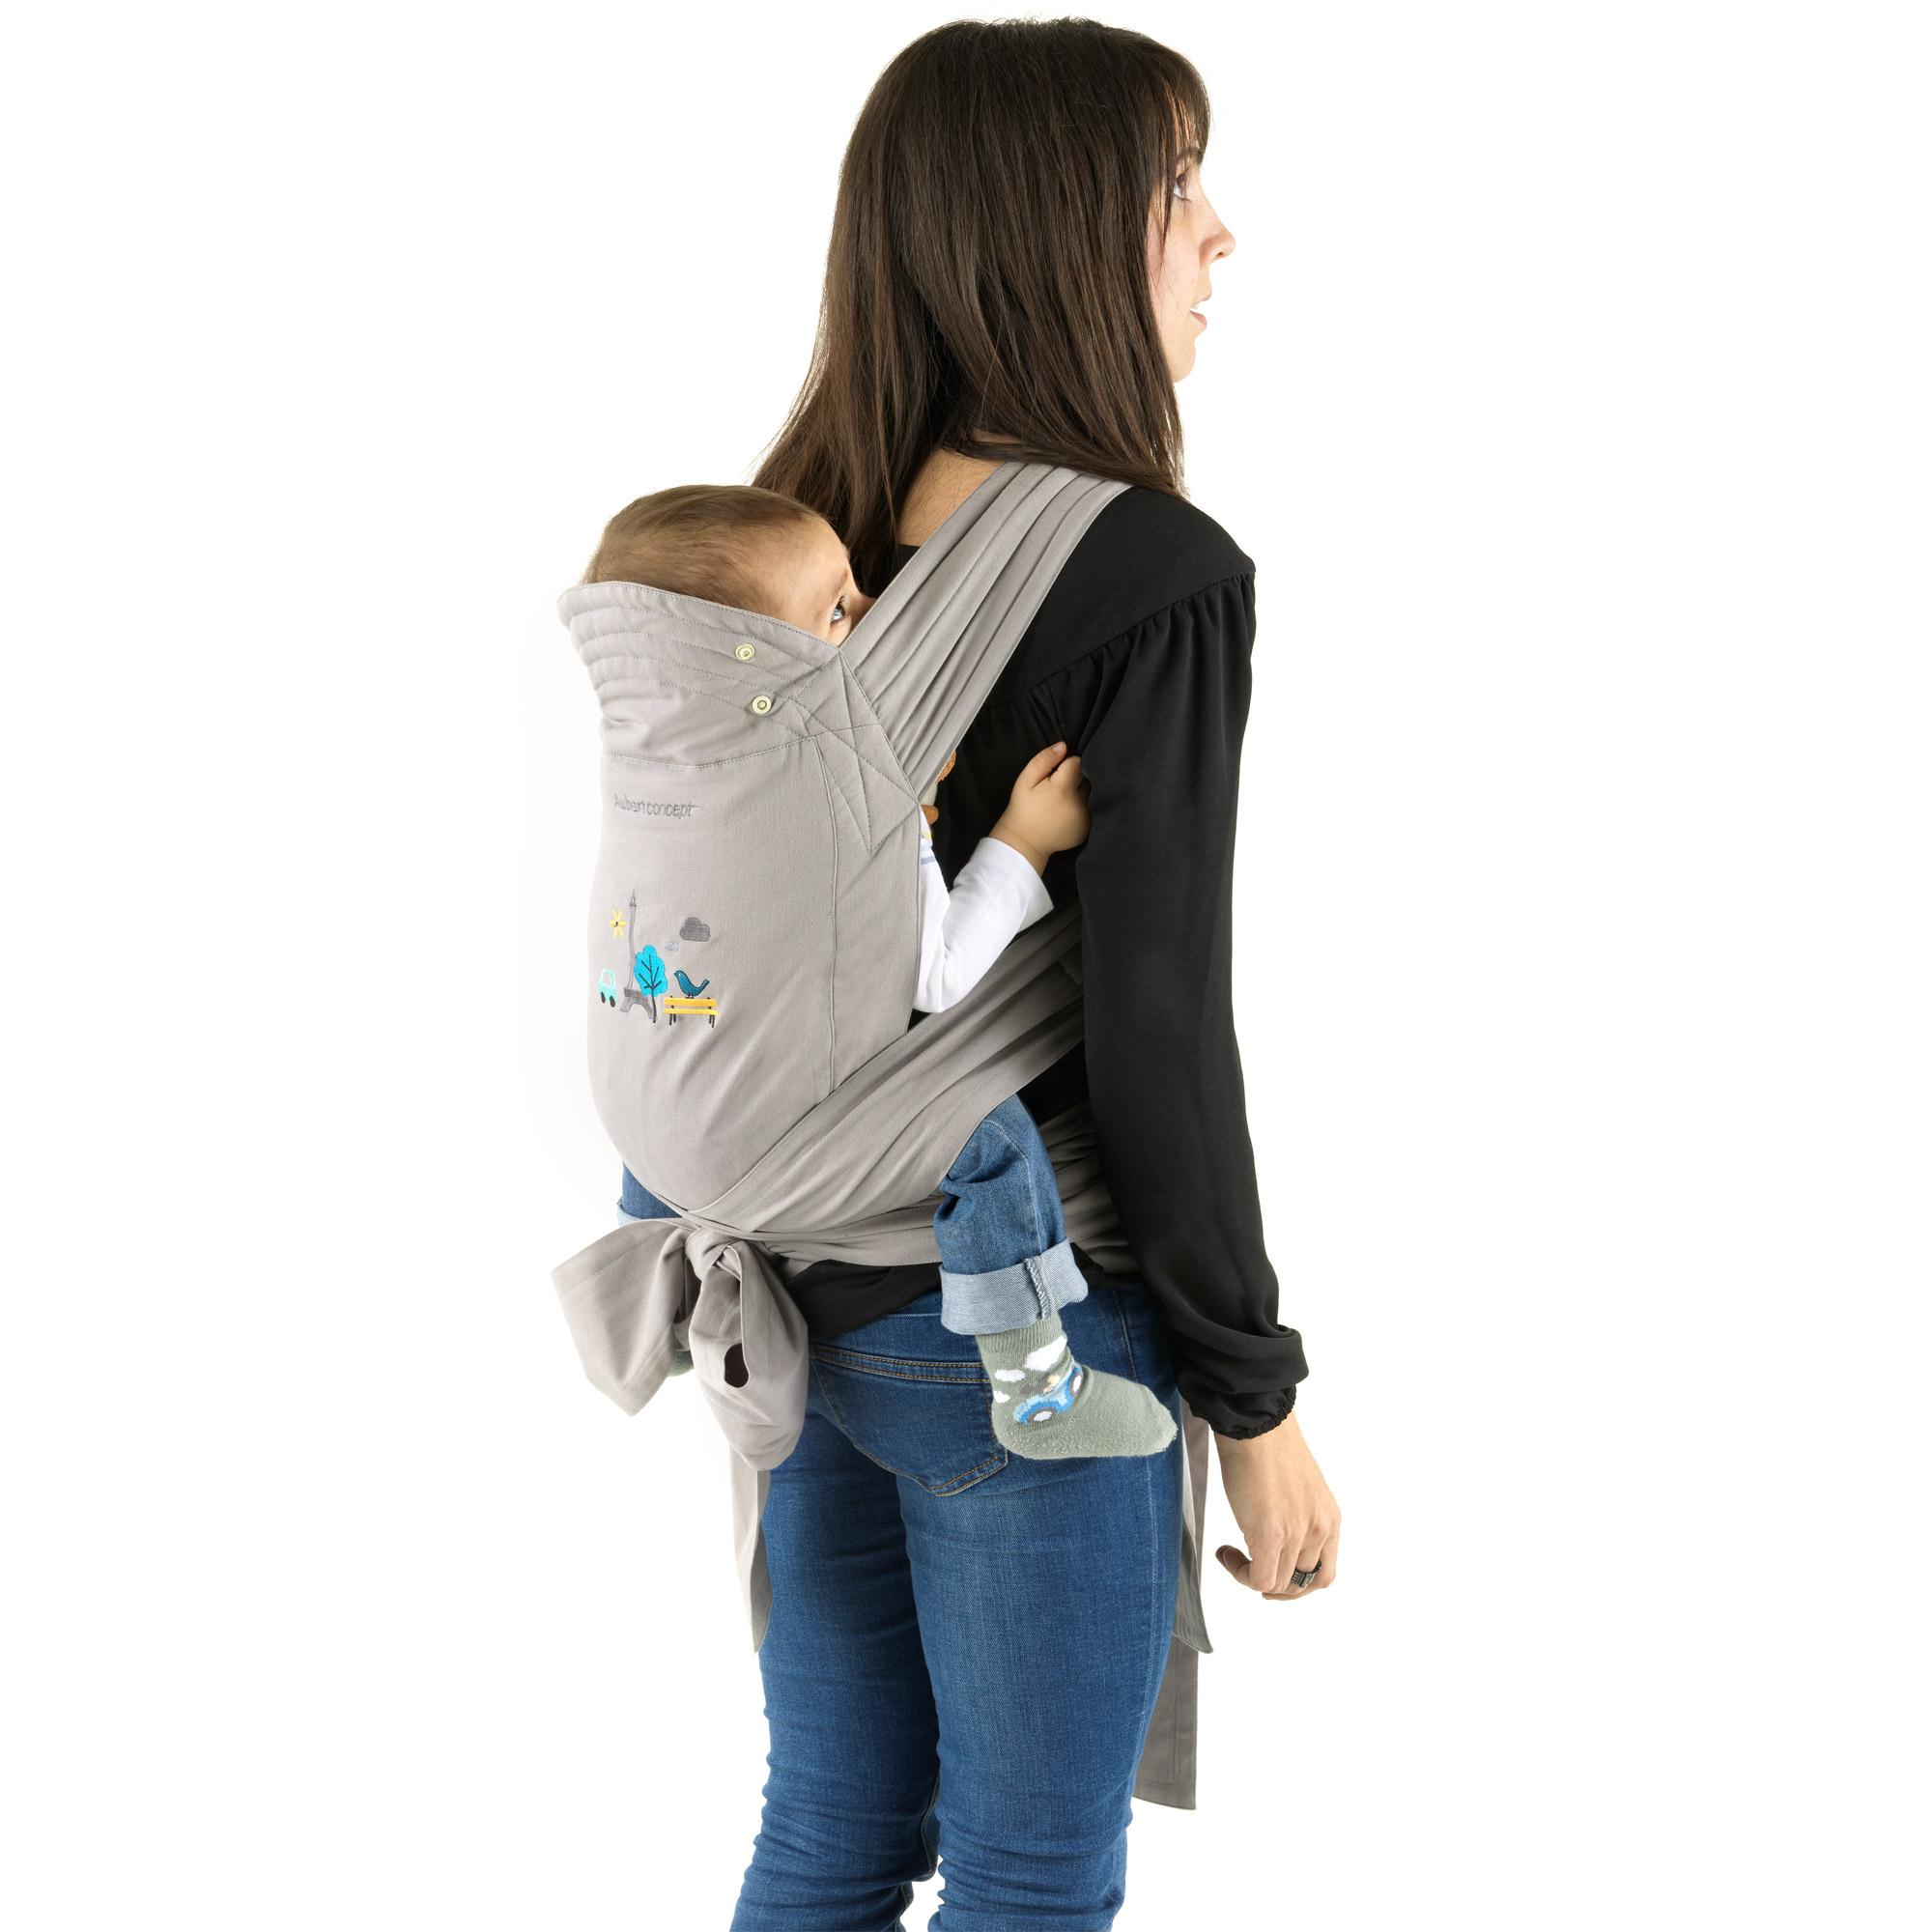 Porte enfant souple gris de aubert concept porte b b ventral aubert - Porte bebe aubert concept ...